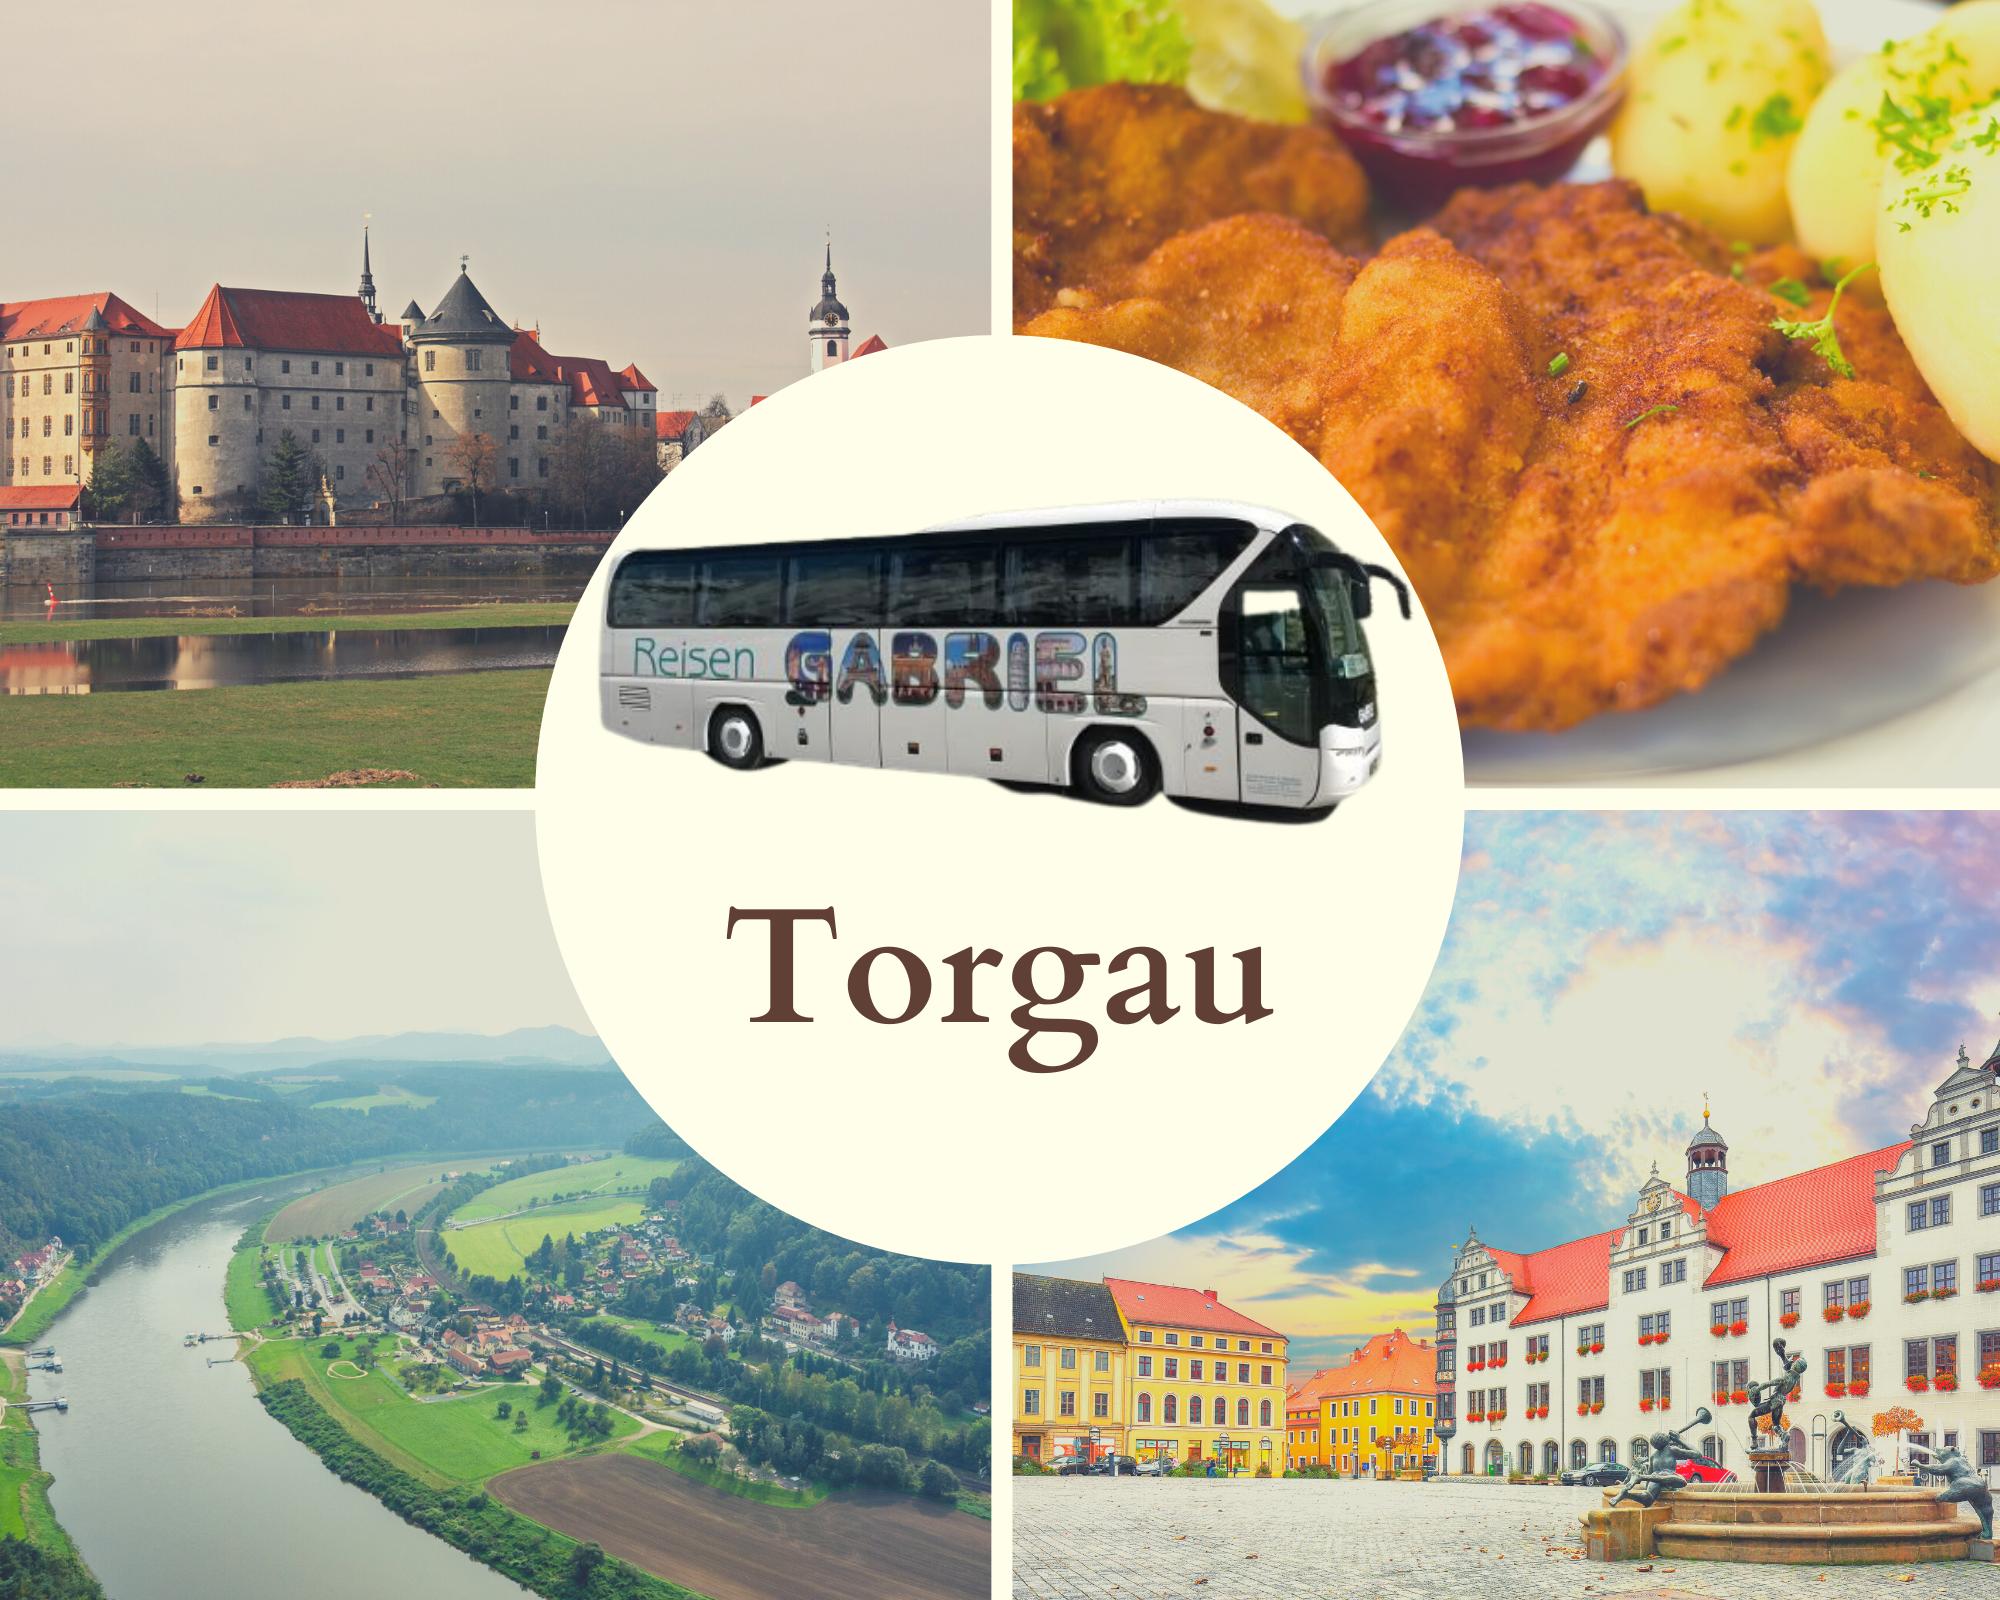 Stadtführung und Mühlengeklapper in Torgau am 28.09.2021